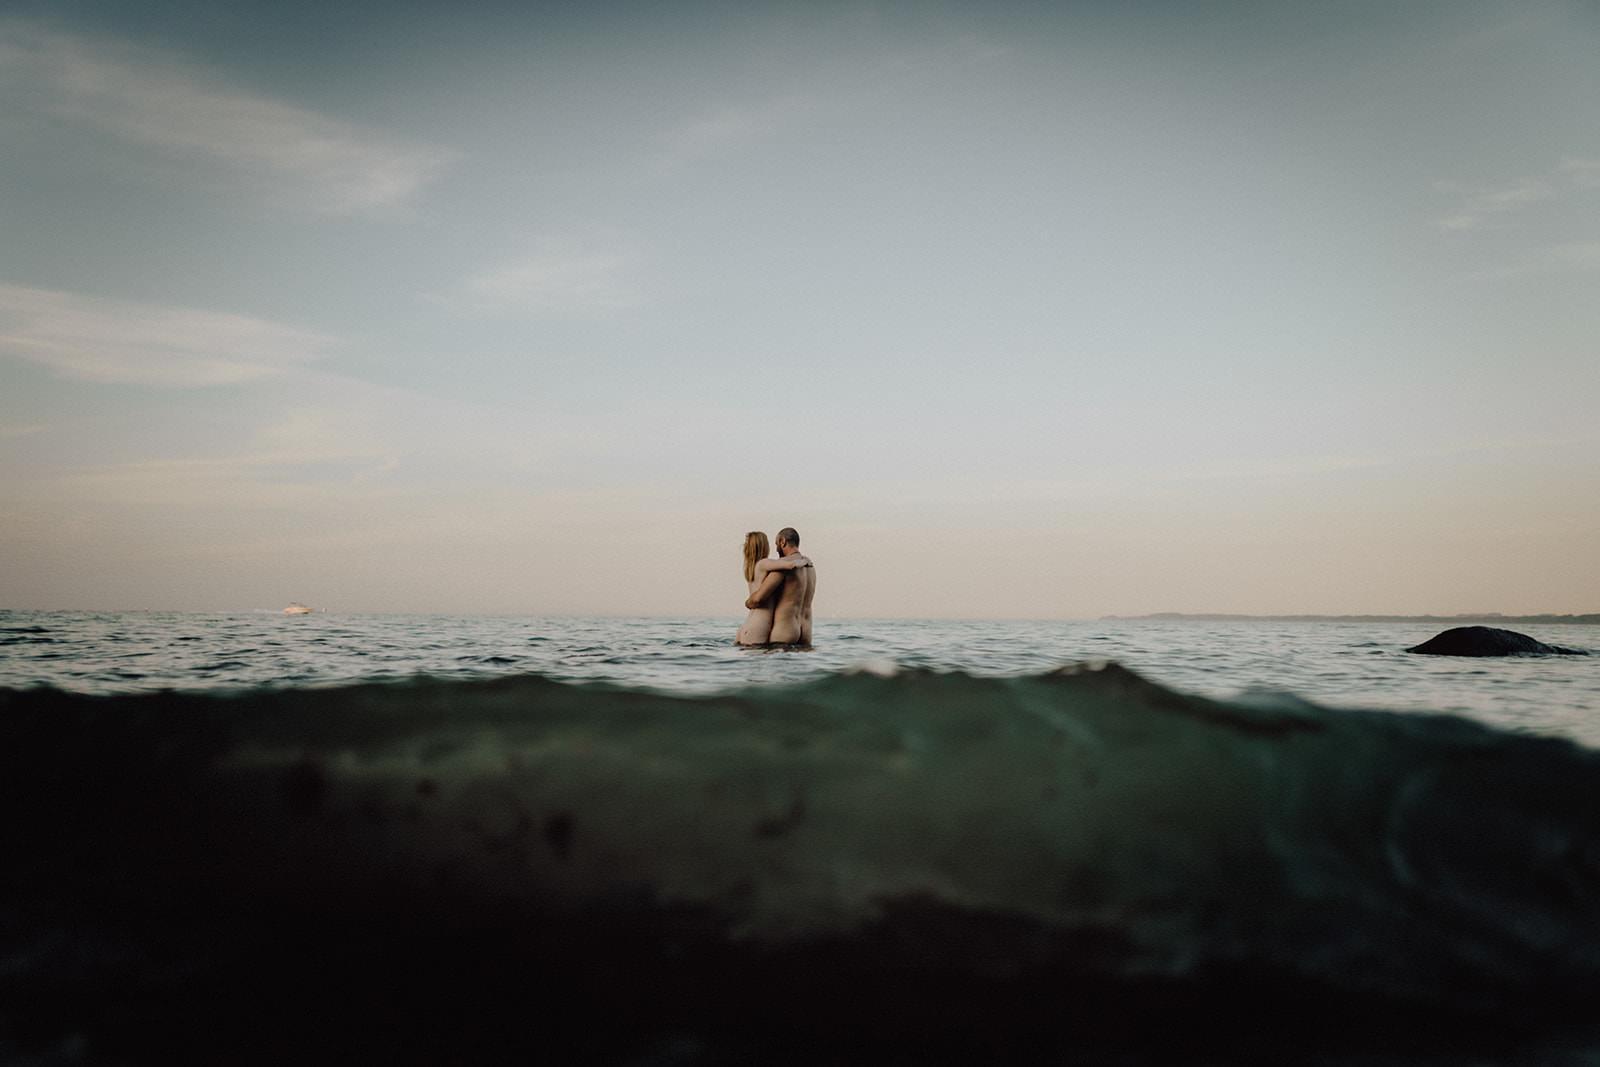 Beach Love by Lena Steinke